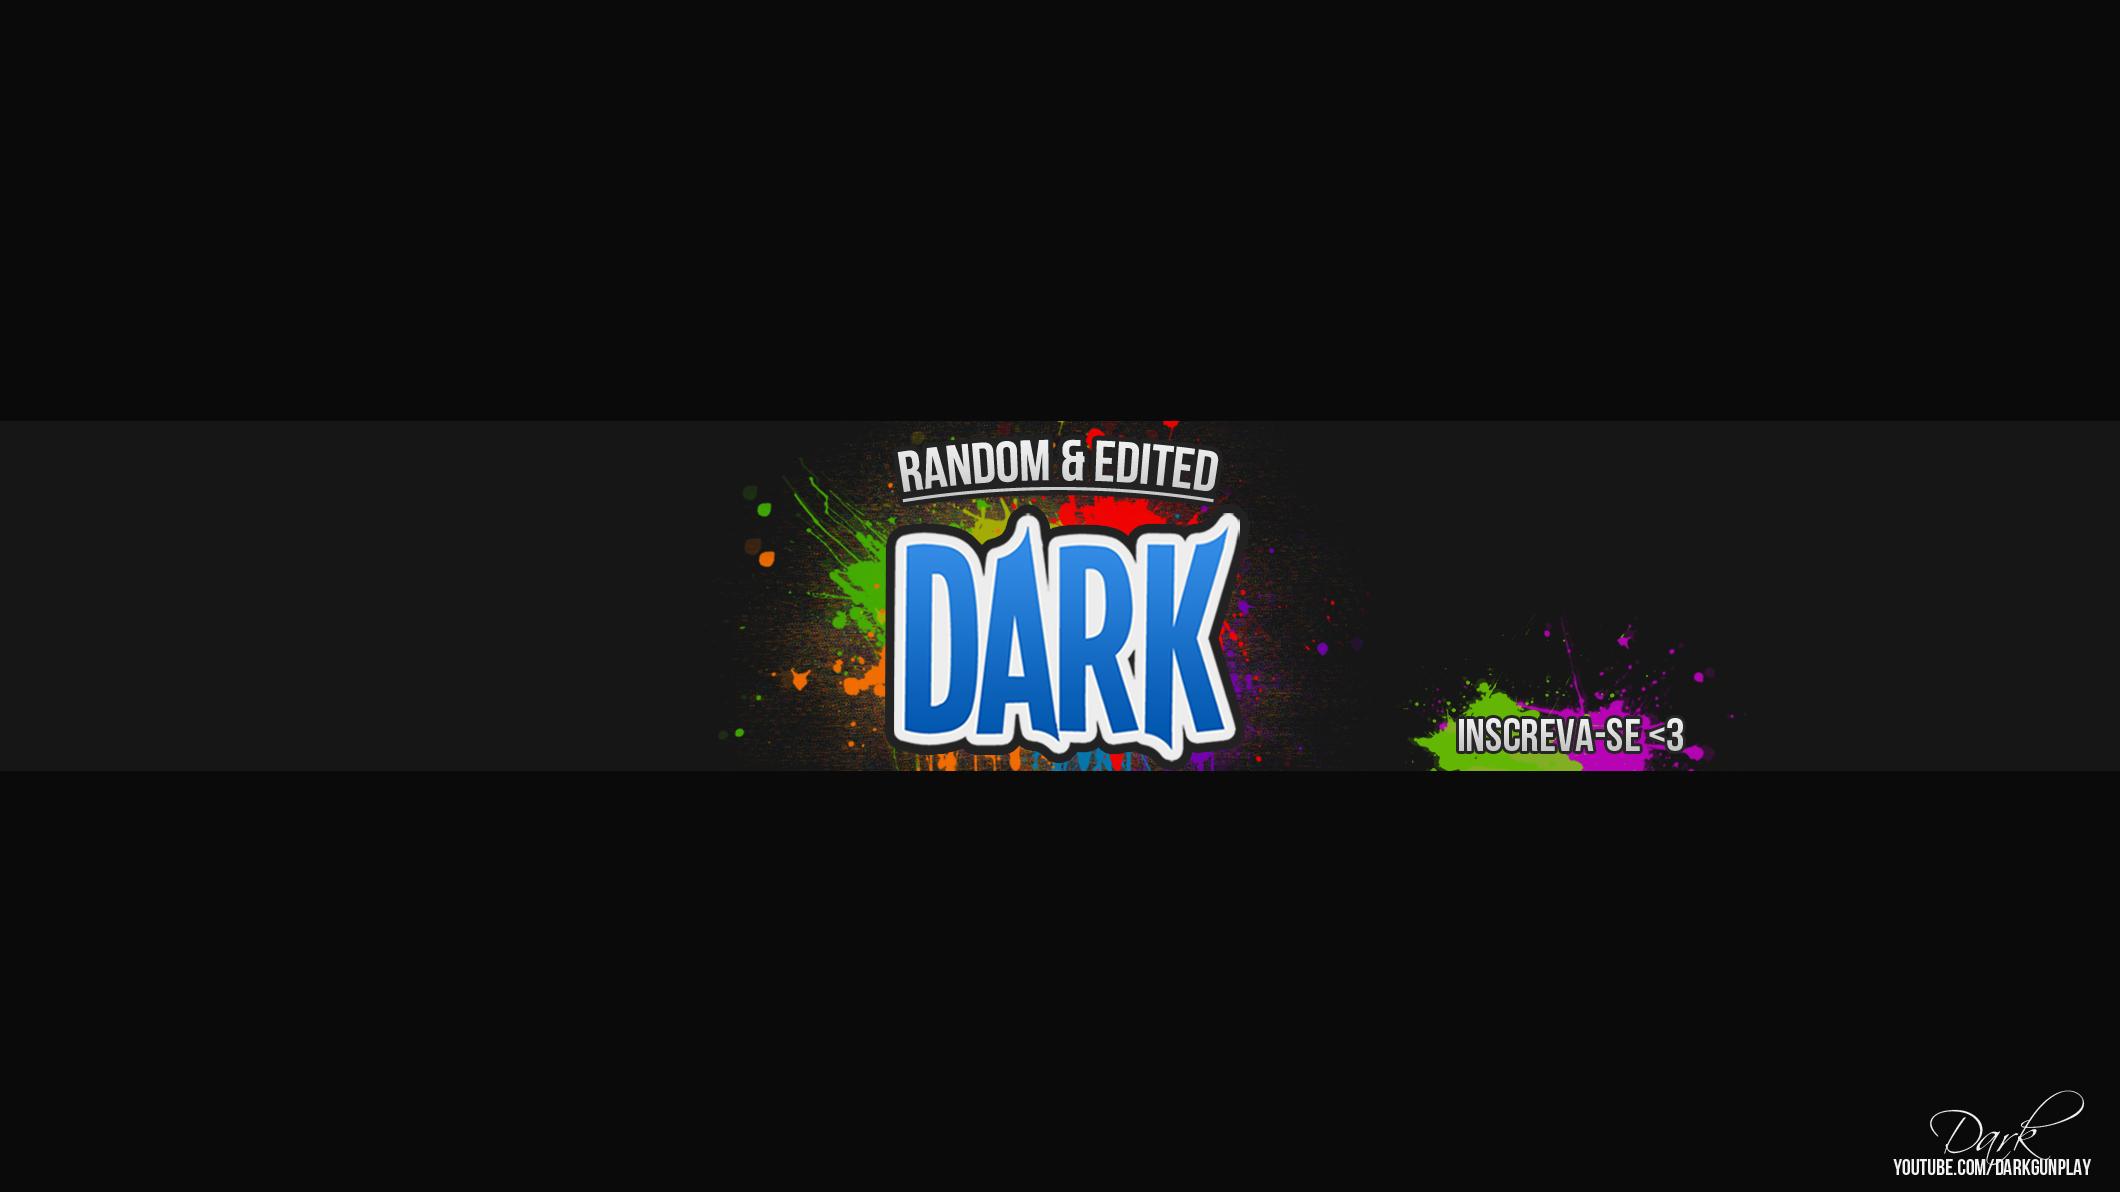 Dark Banner V4 youtube by darkgunplay on DeviantArt